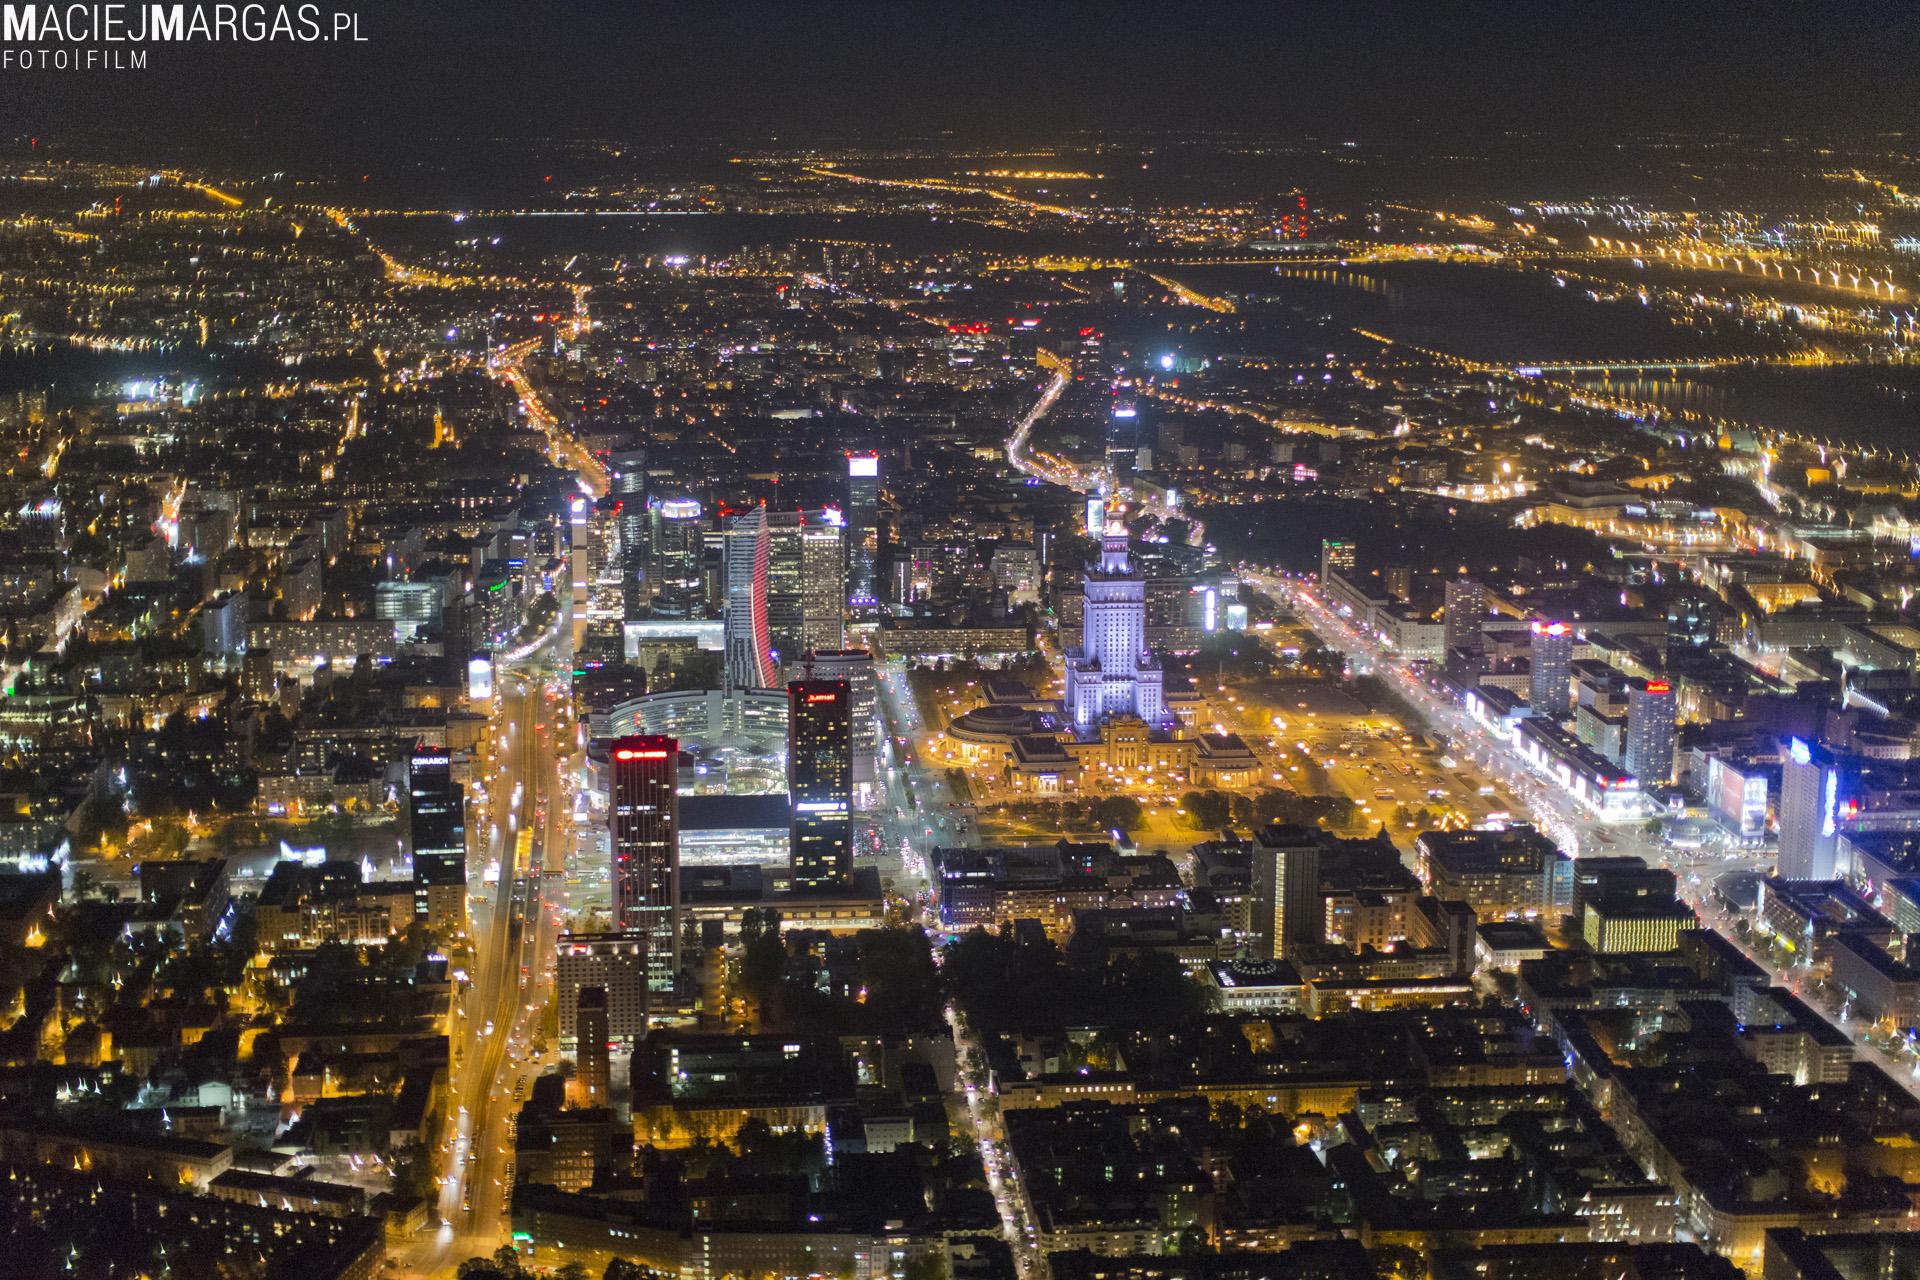 noc00009 Warszawa z lotu ptaka - część 2.